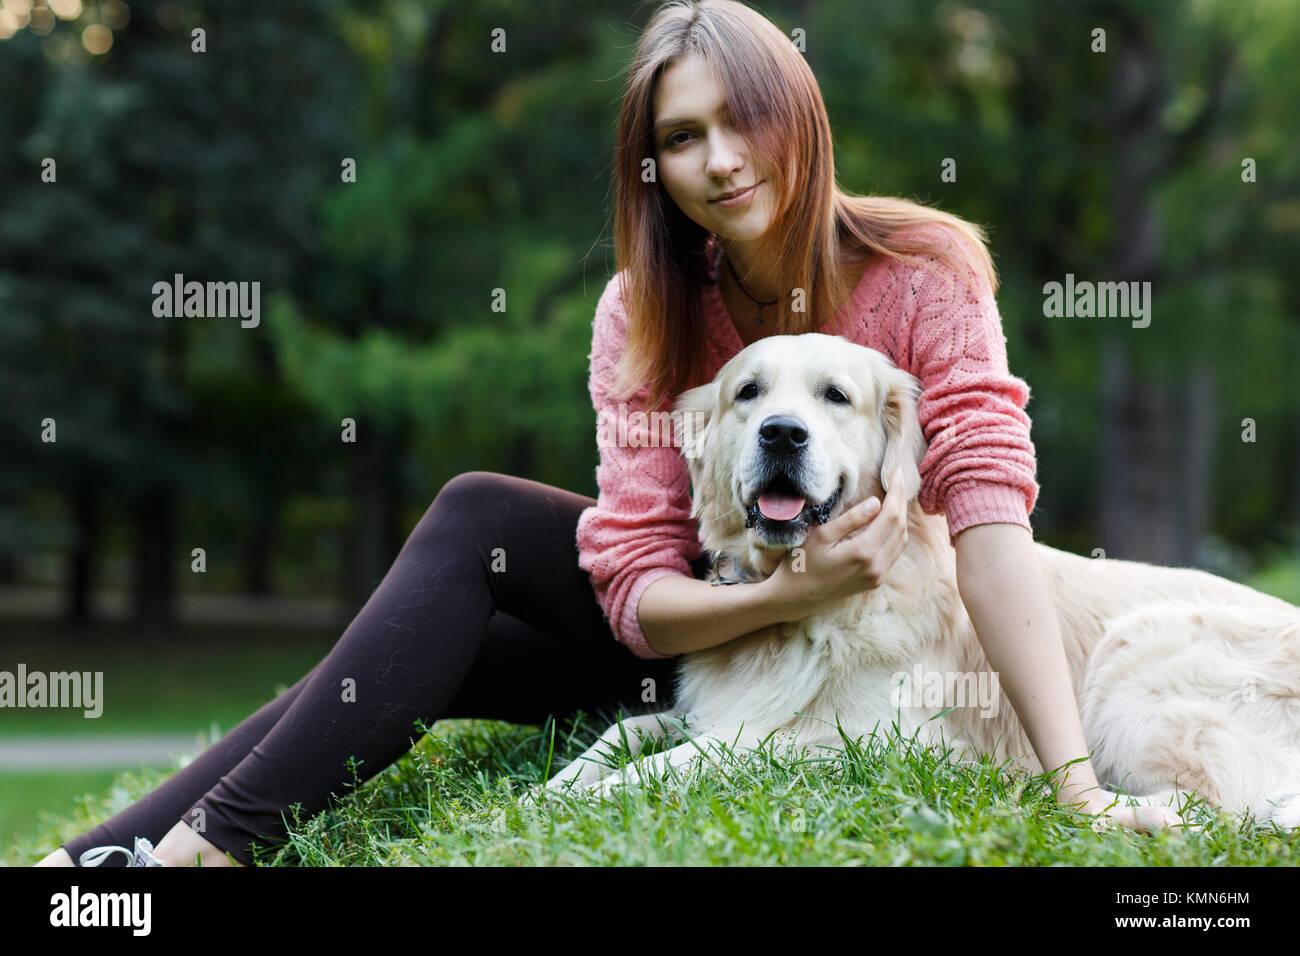 Bild der Frau und Hund sitzen auf Rasen Stockbild